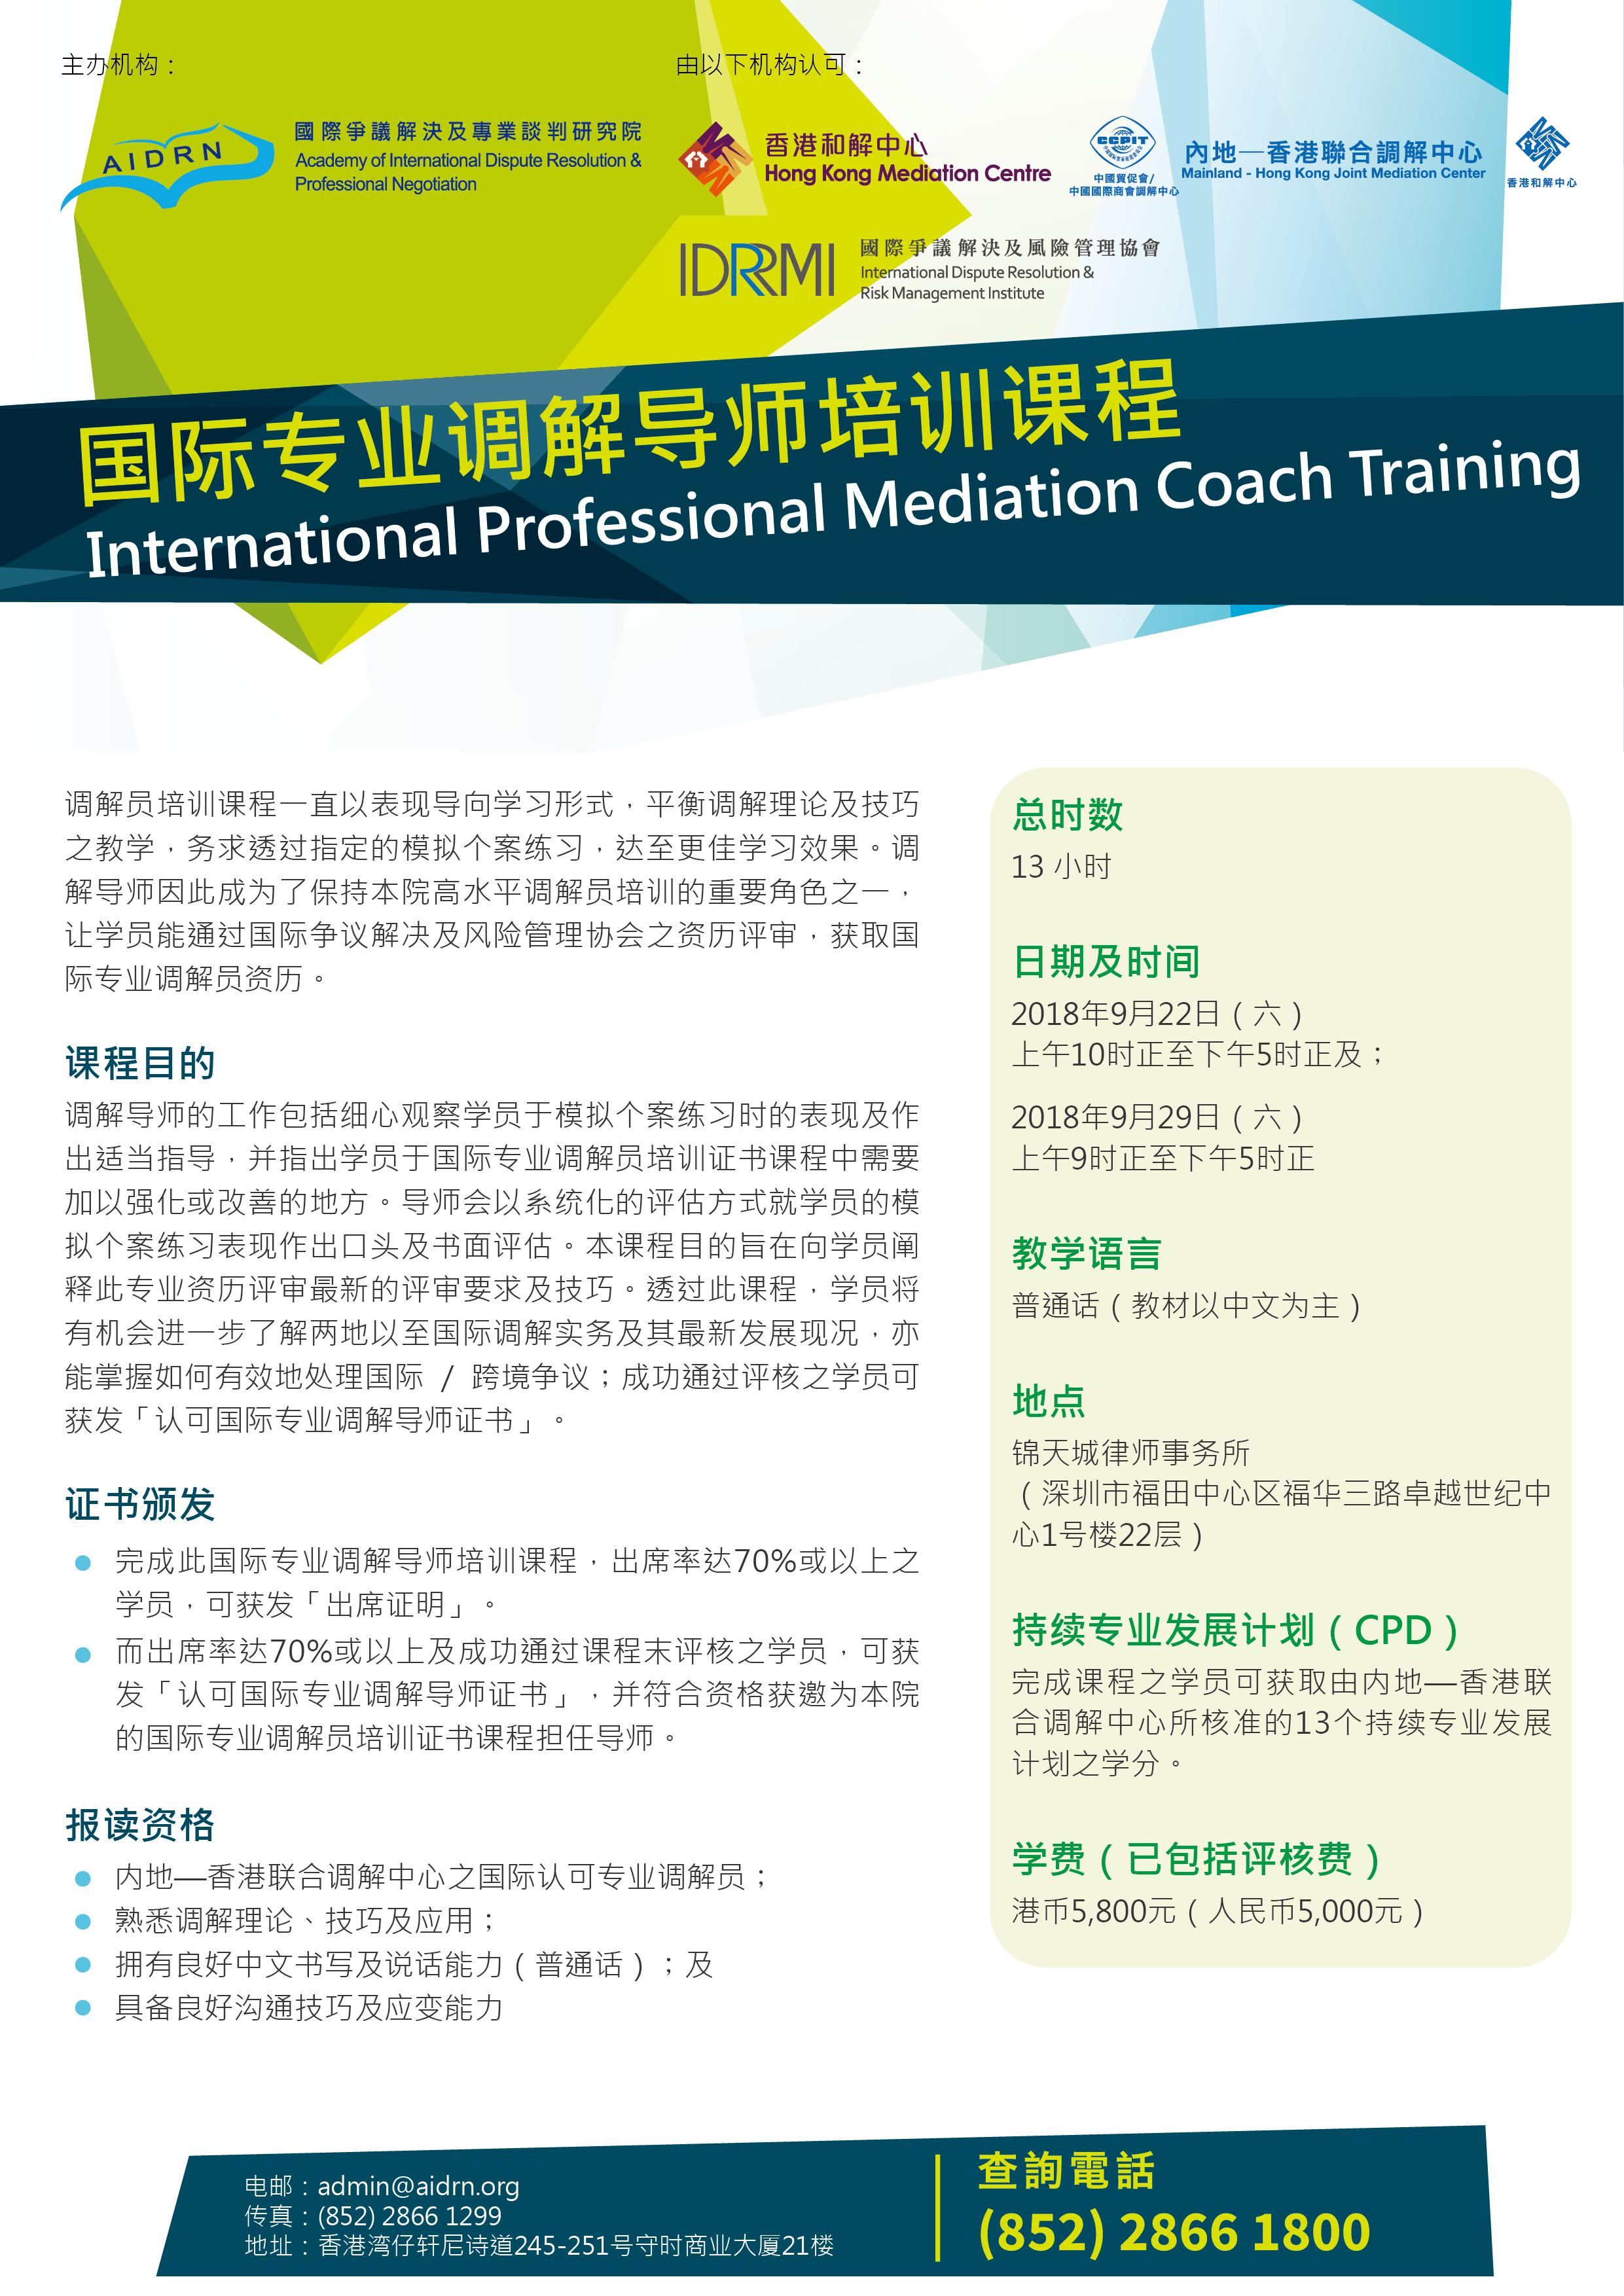 国际专业调解导师培训课程-01